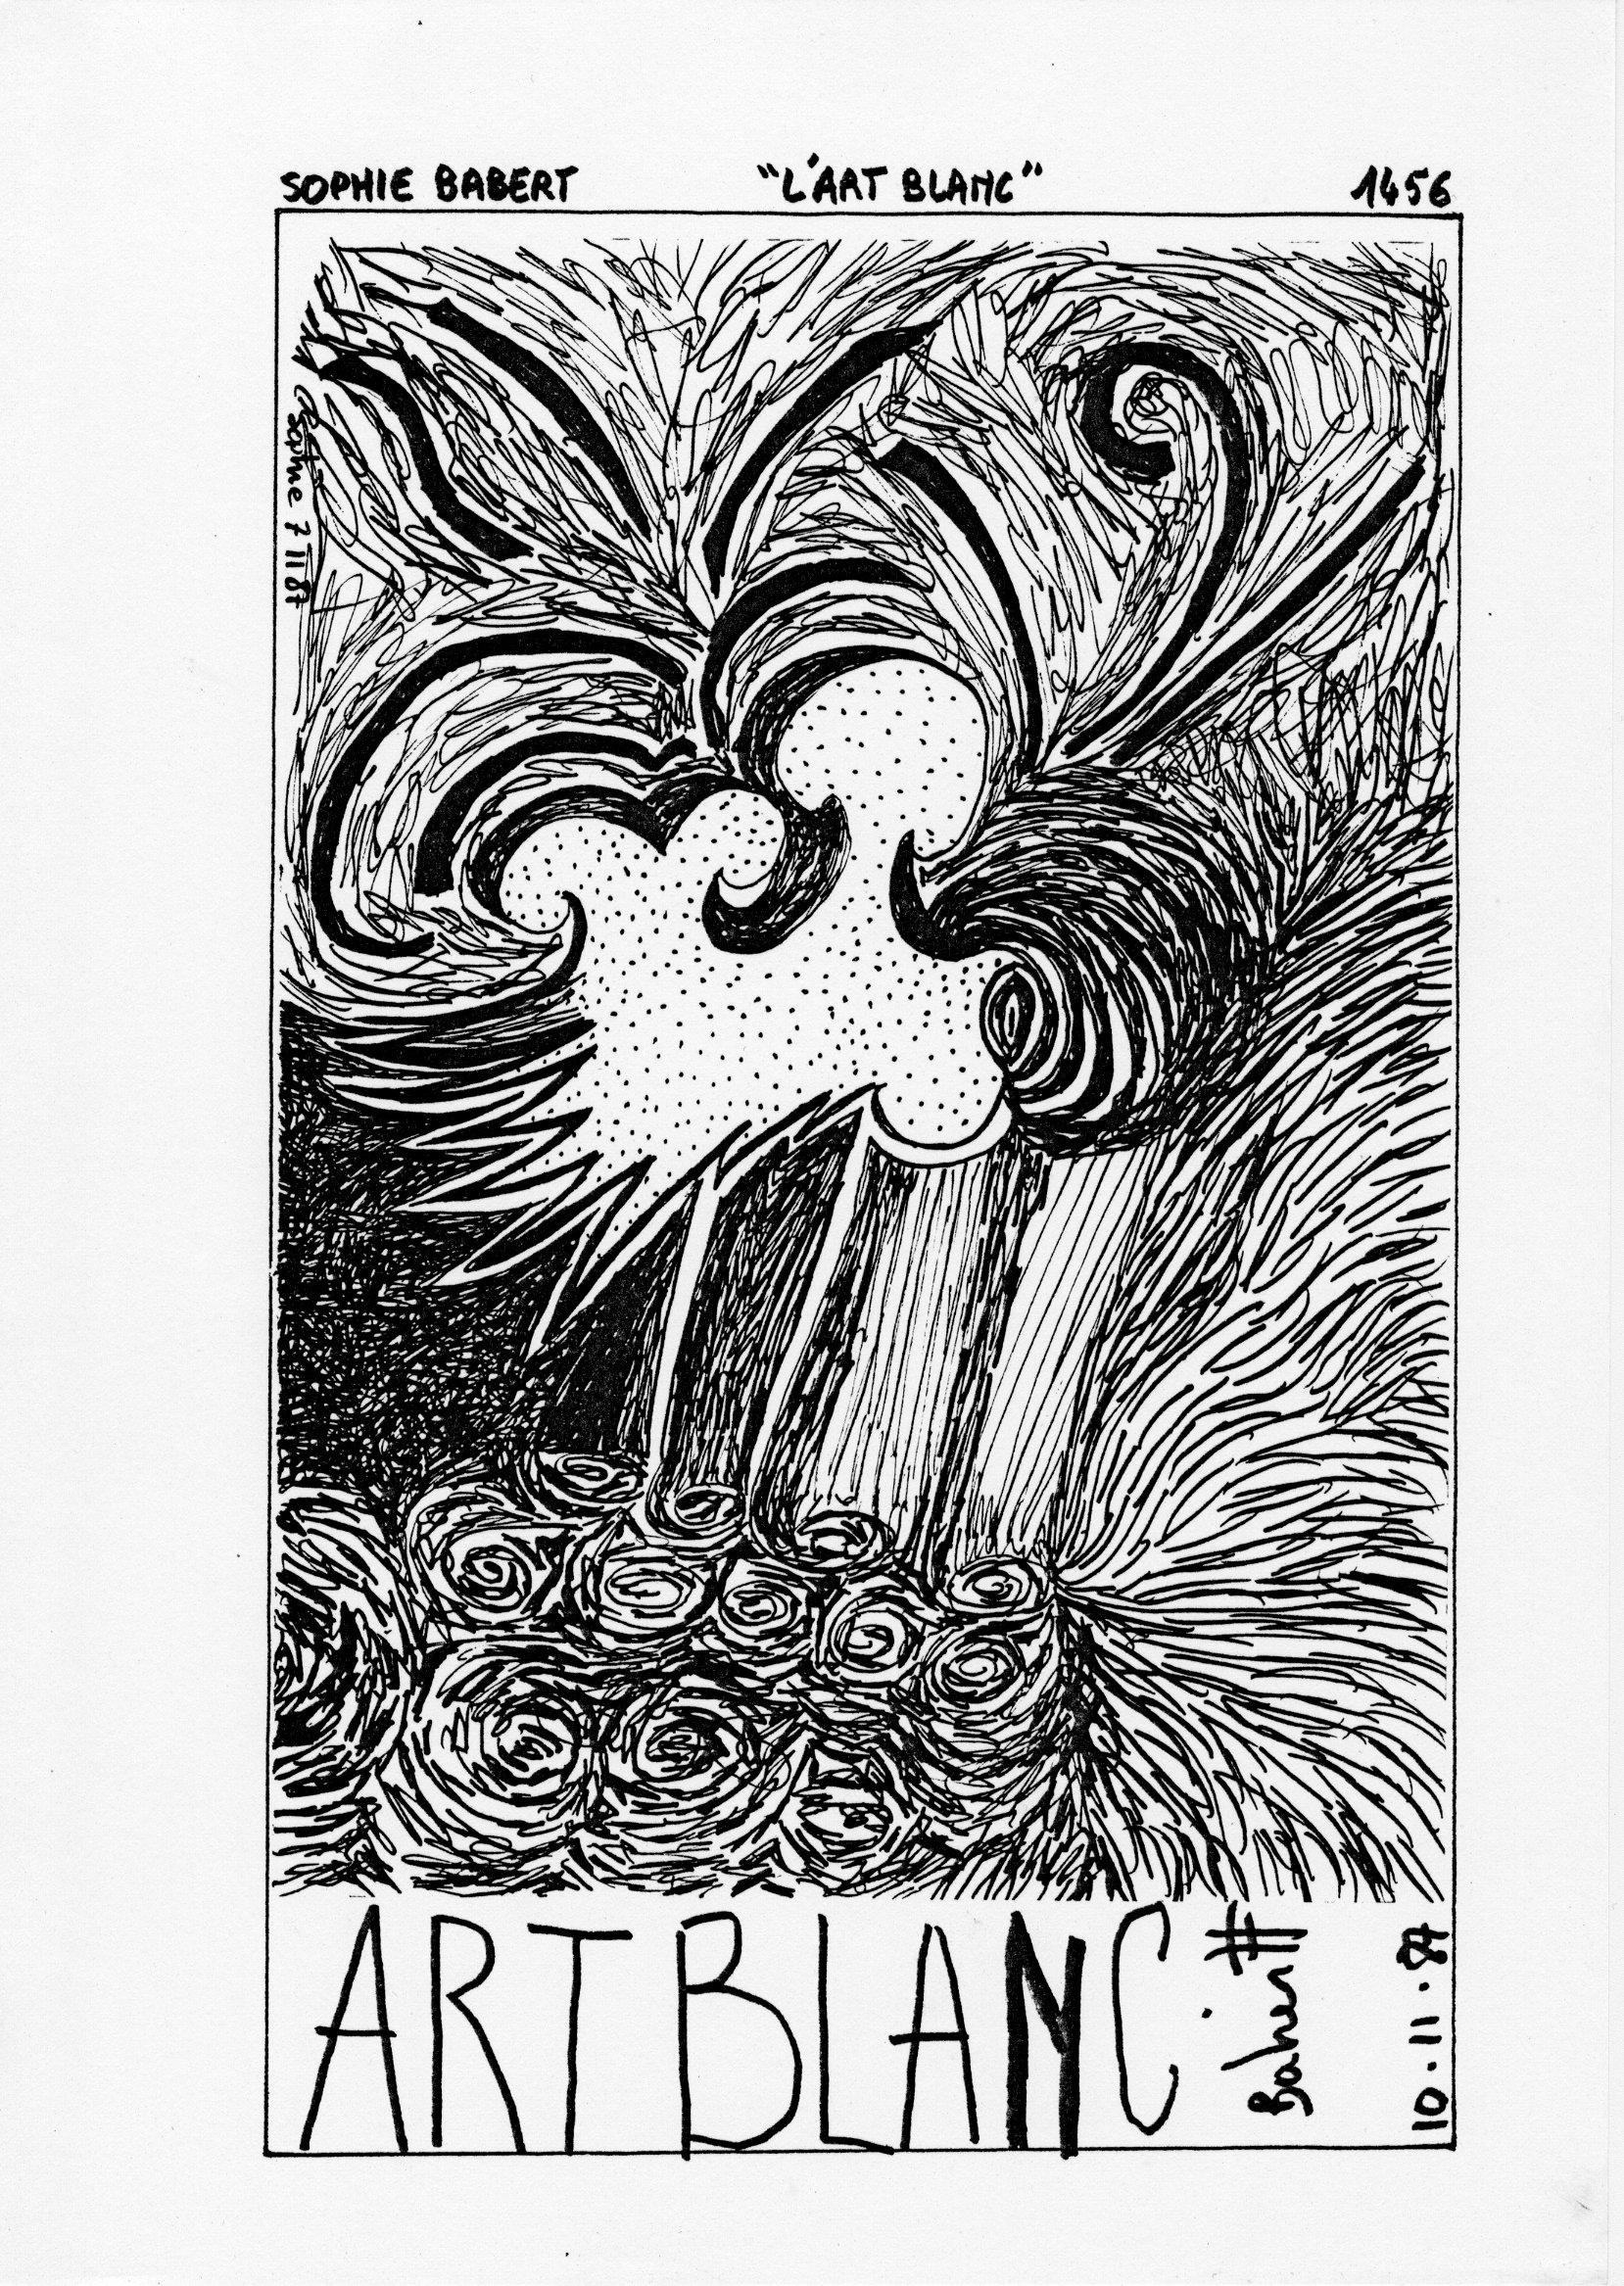 page 1456 S. Babert L'ART BLANC